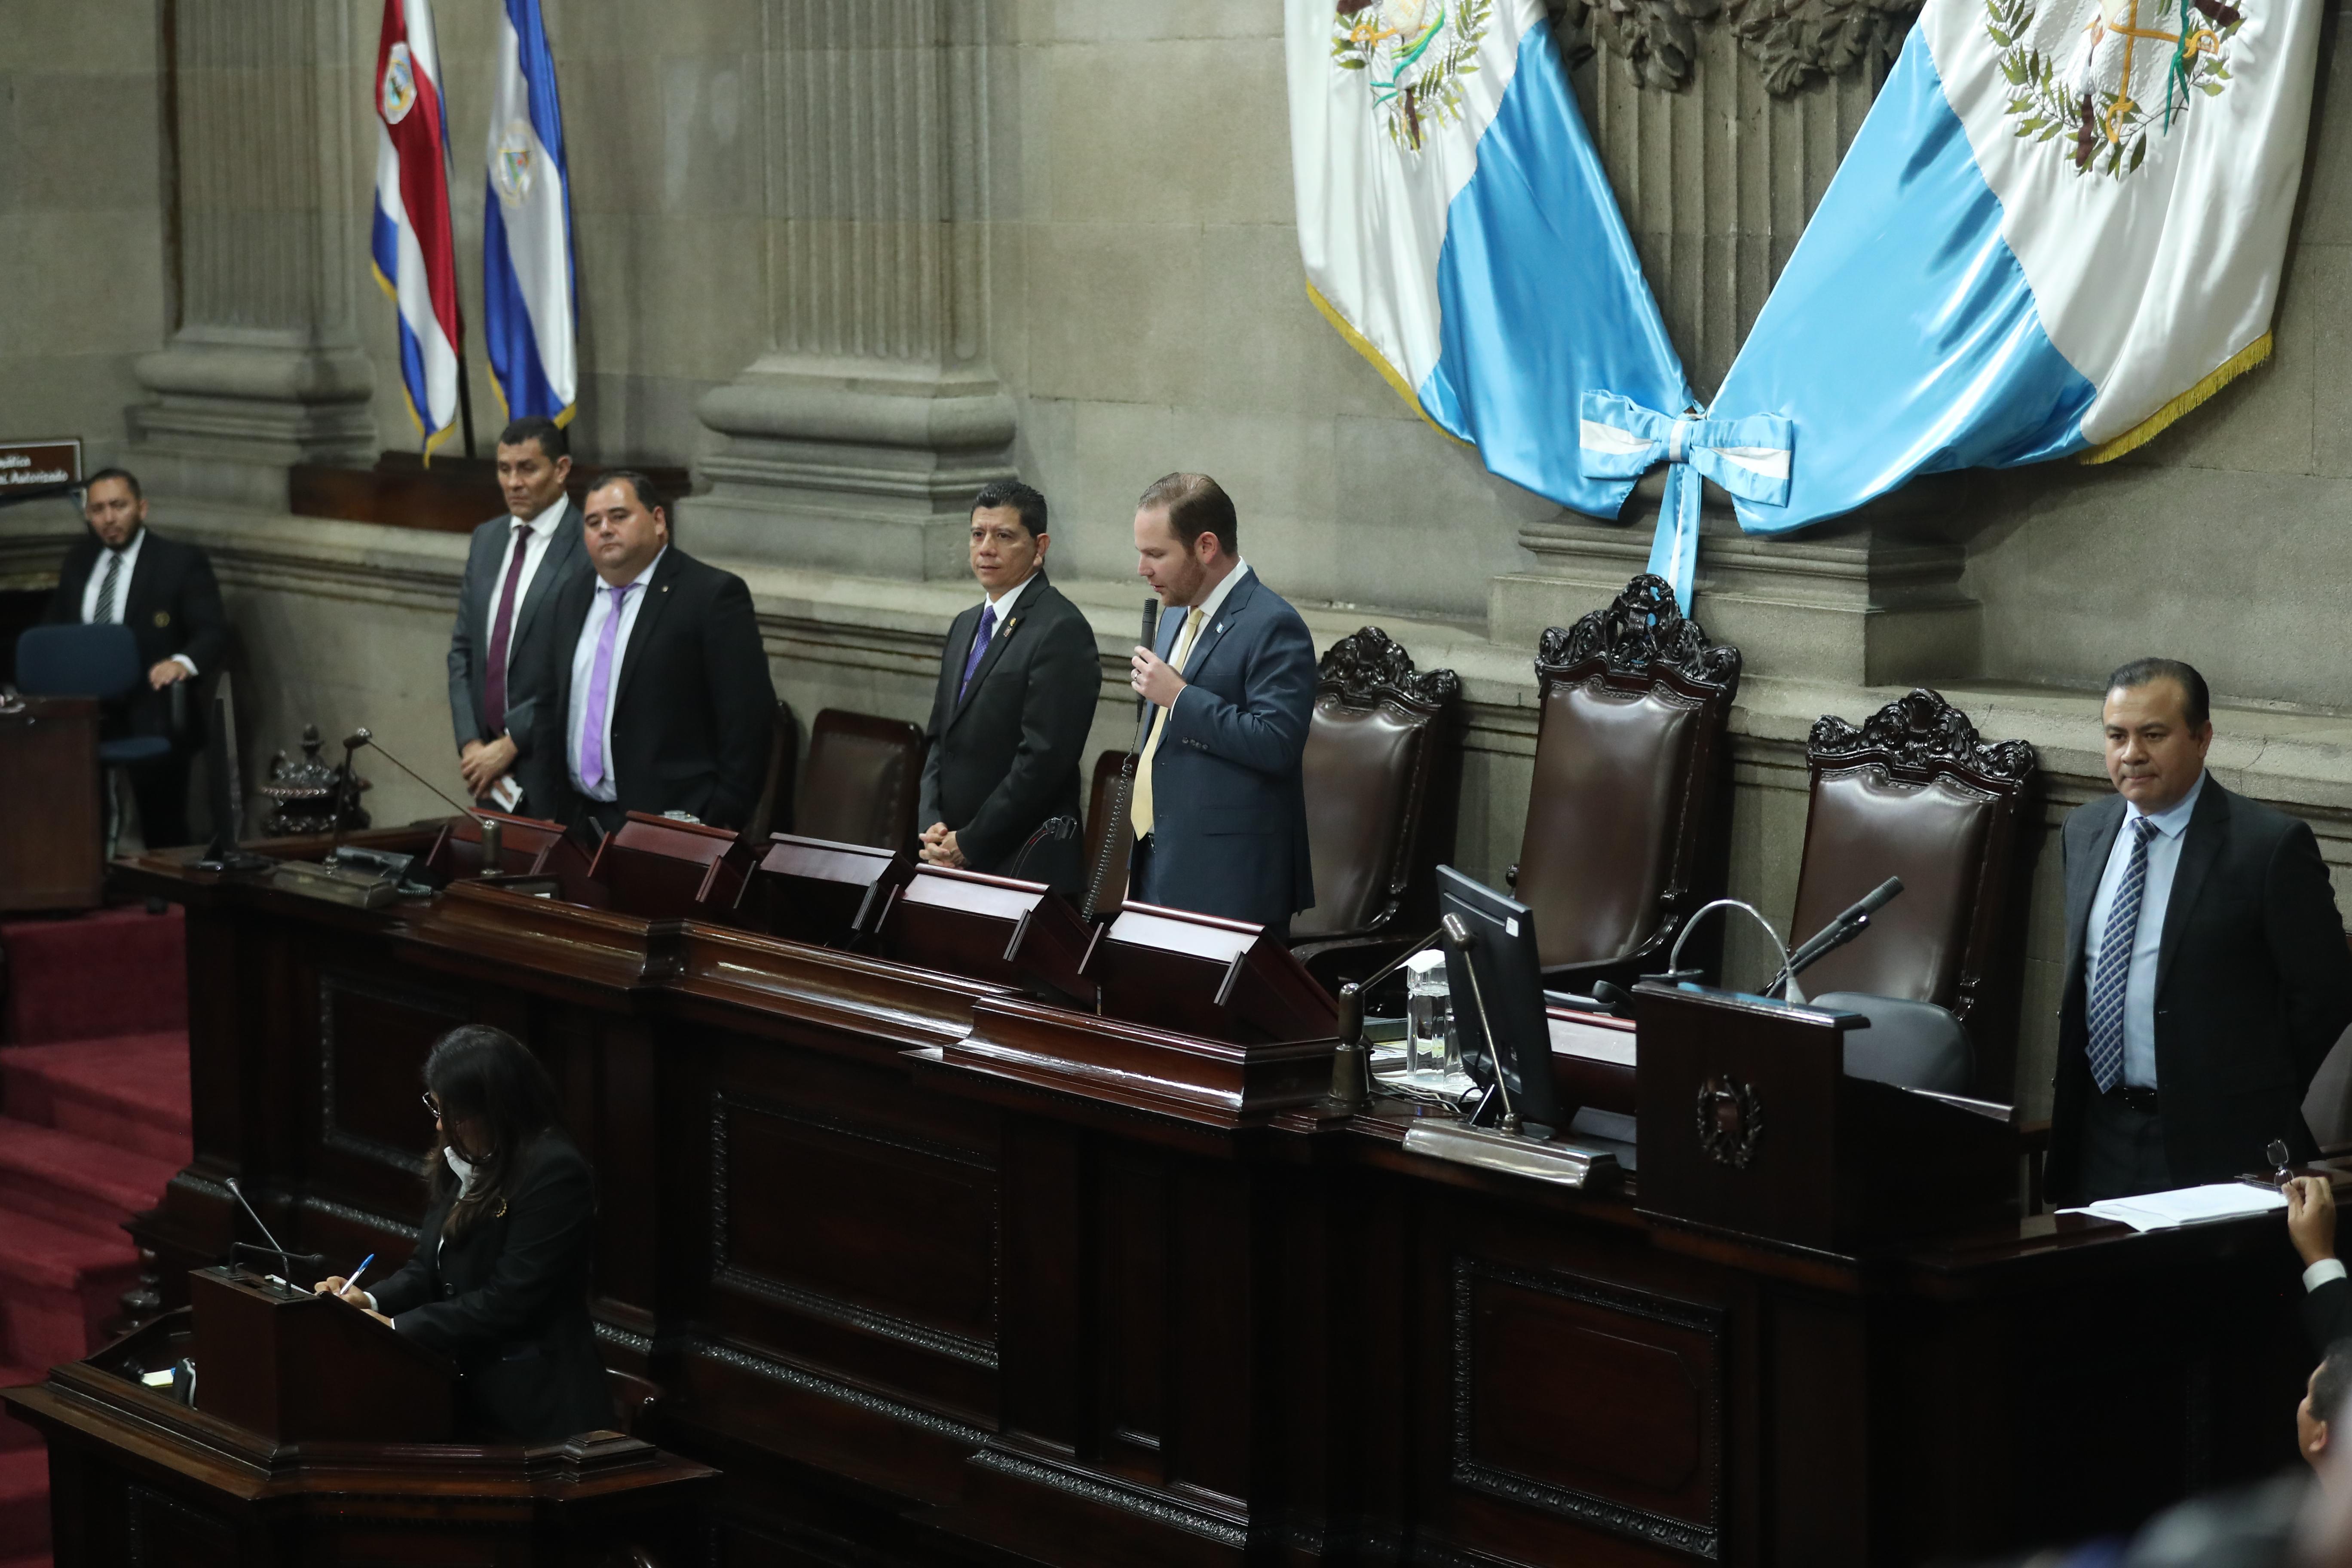 Sesi—n plenaria congreso d ella repœblica, diputados rompen qu—rum en las sesiones programas para las 10 y 14 horas.                                                                                             Fotograf'a Esbin Garcia 08-05- 2019.